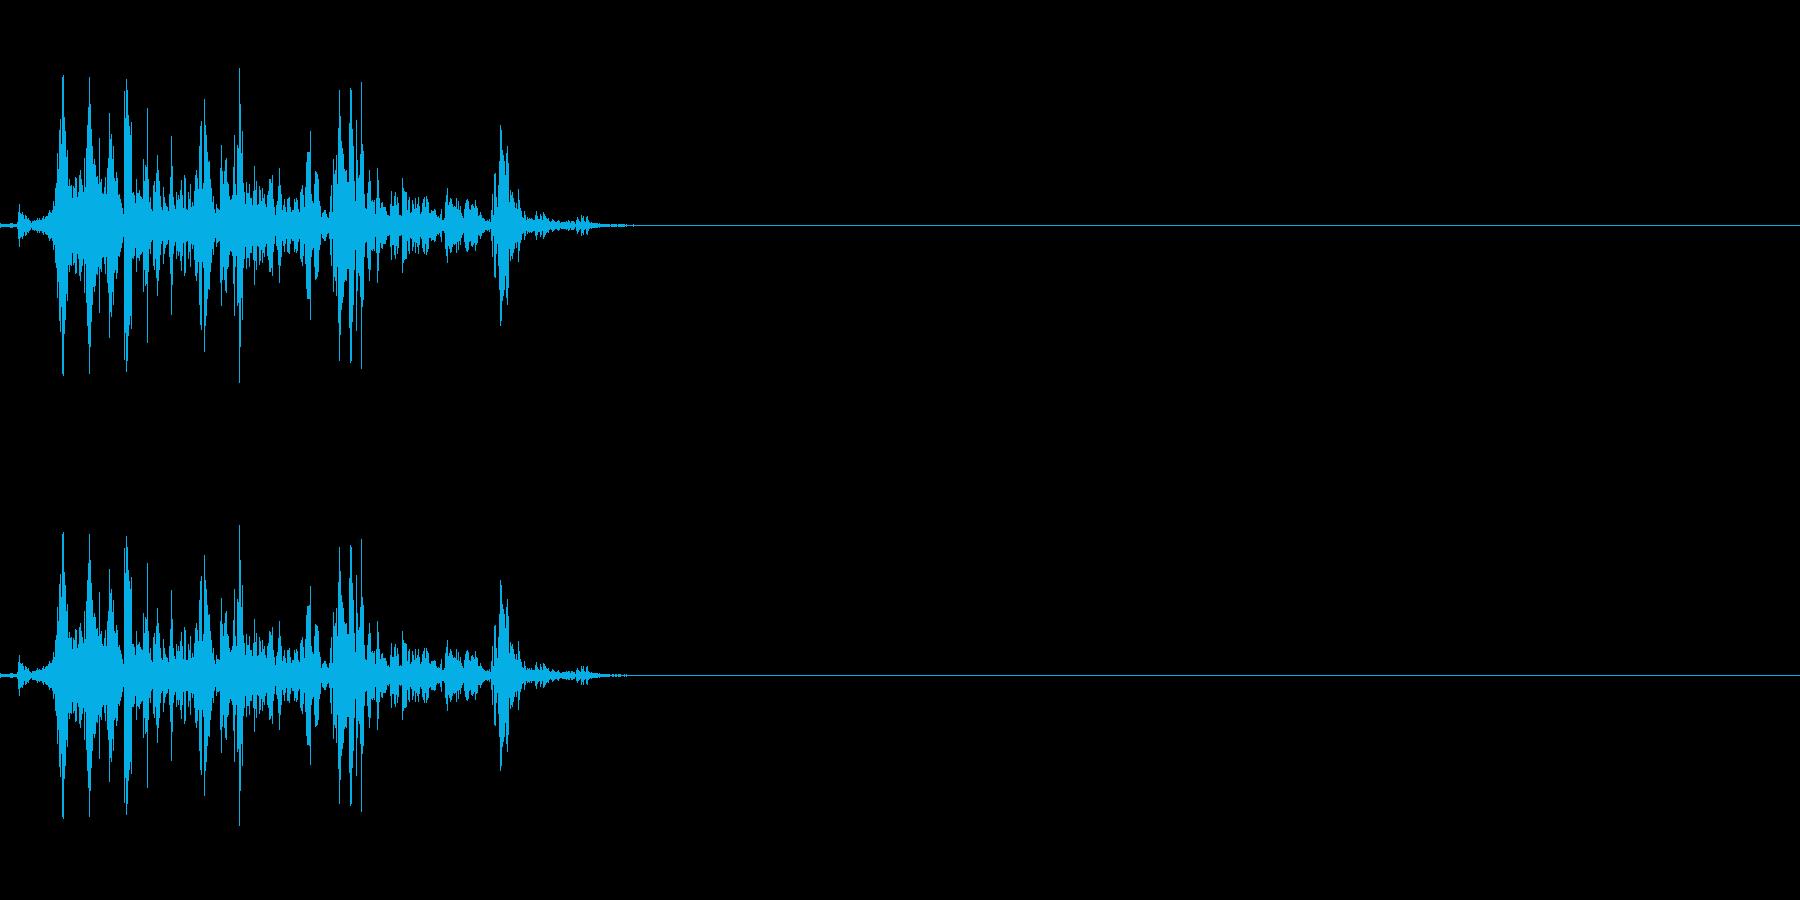 ウイスキーキャップの音の再生済みの波形